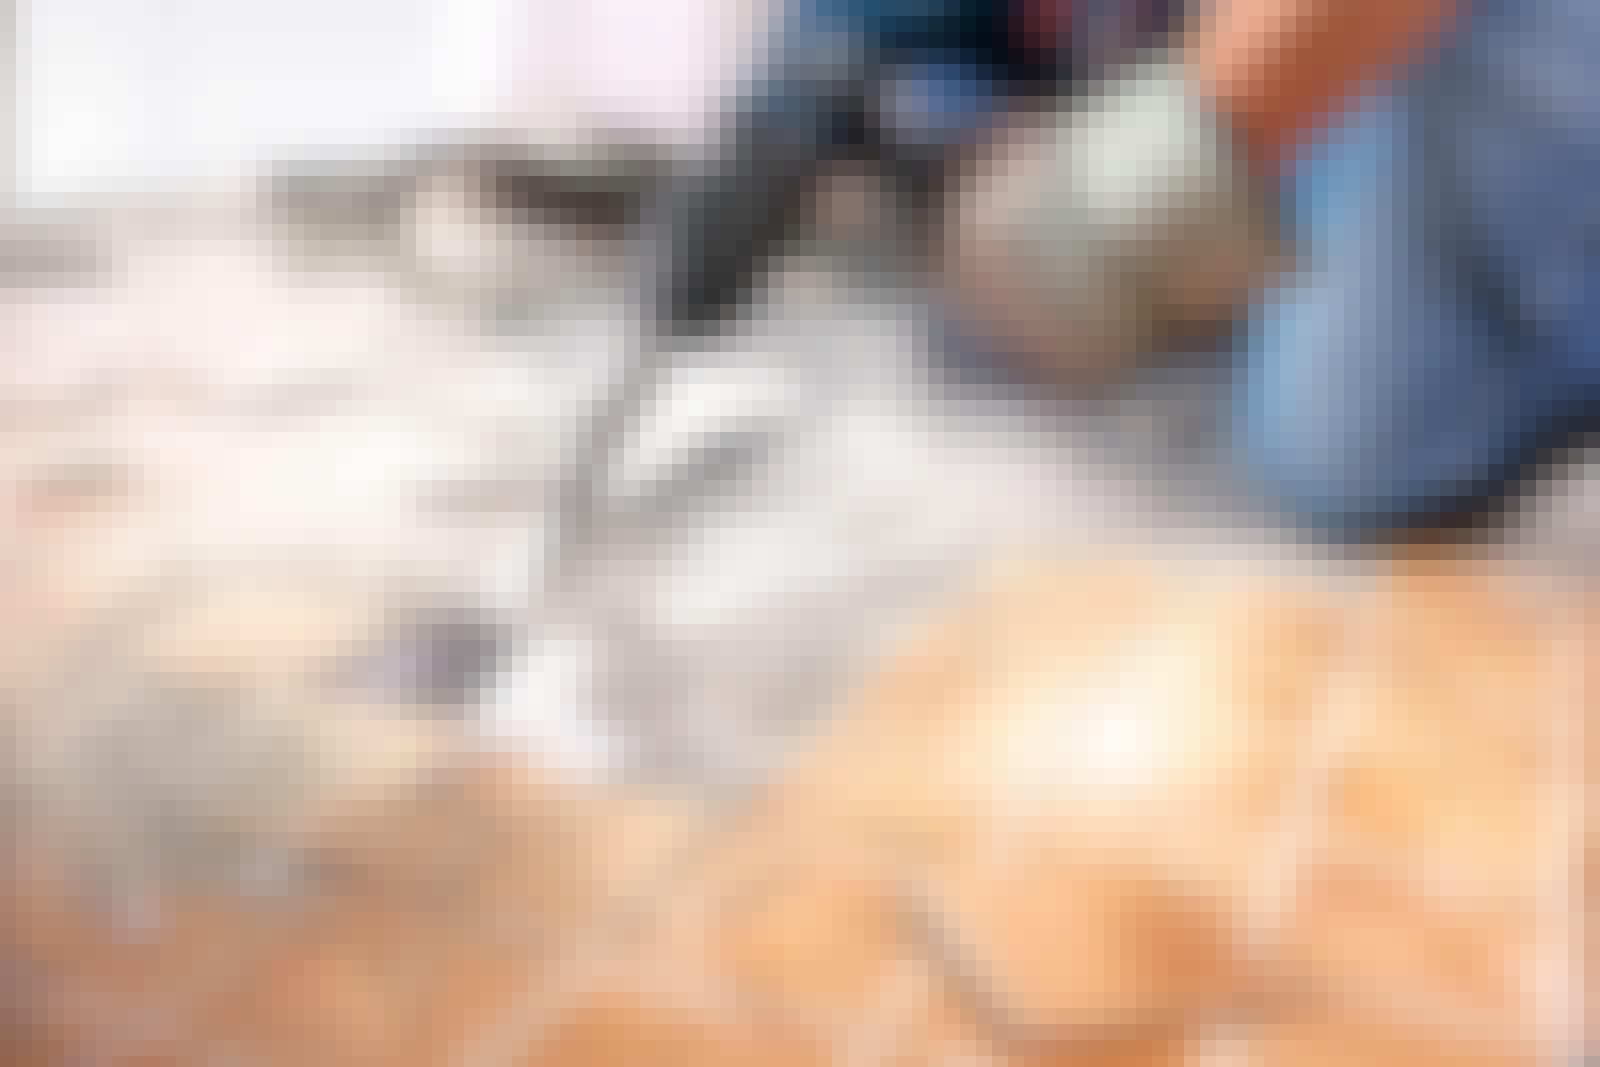 mejsel til borehammer: Med en mejsel på borehammeren går arbejdet meget hurtigere end med hammer og mejsel.